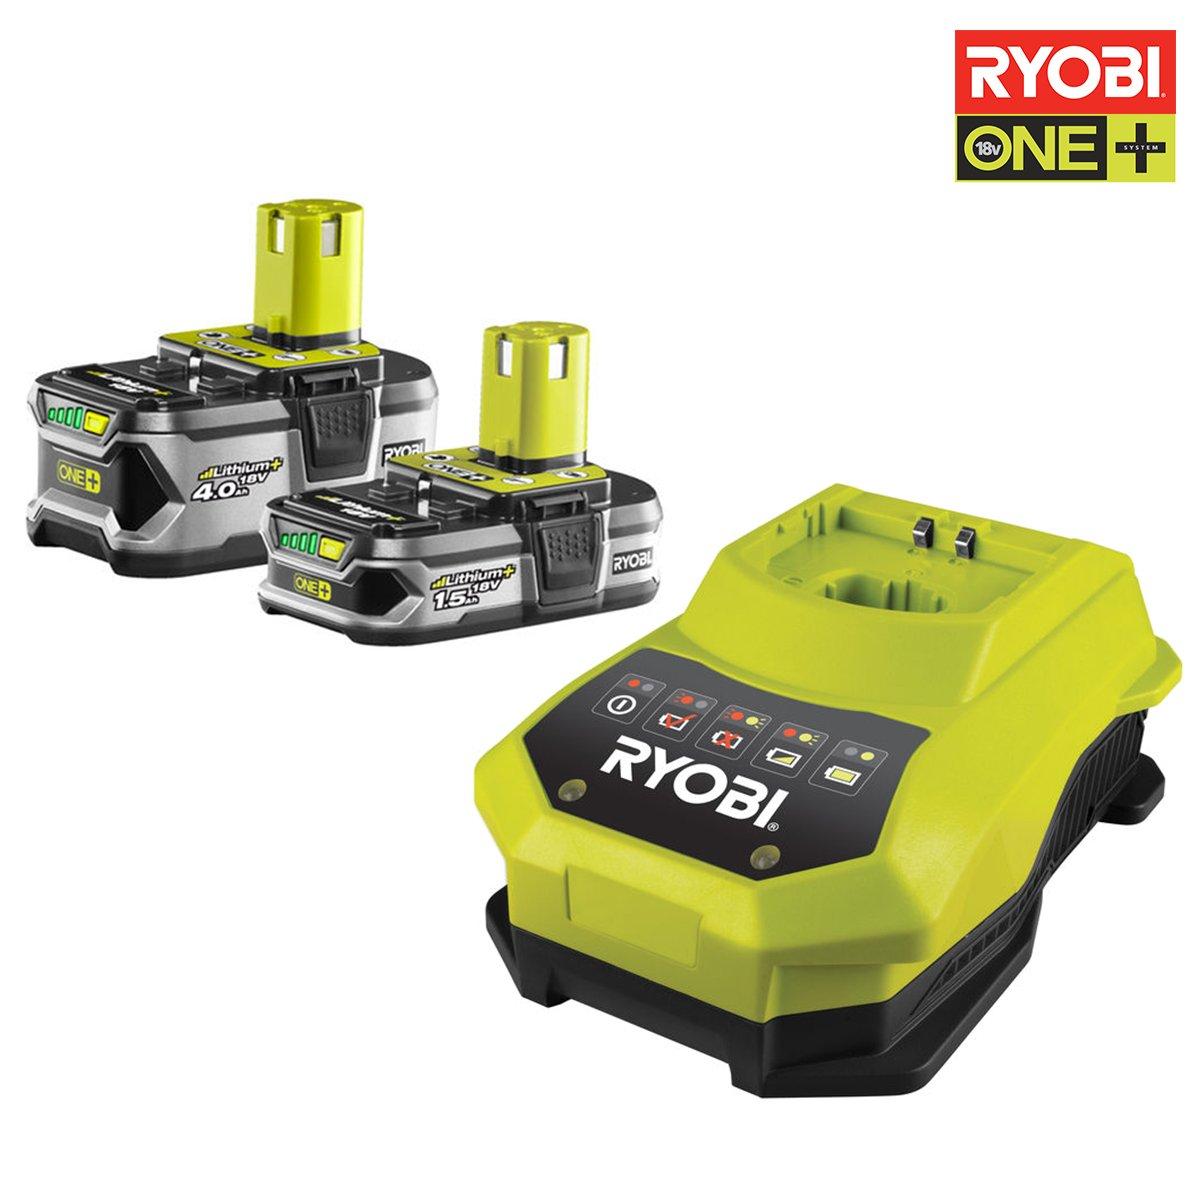 Ryobi batería rbc18ll415 y cargador, 18 V, 1 pieza, Negro/Verde, 5133002600